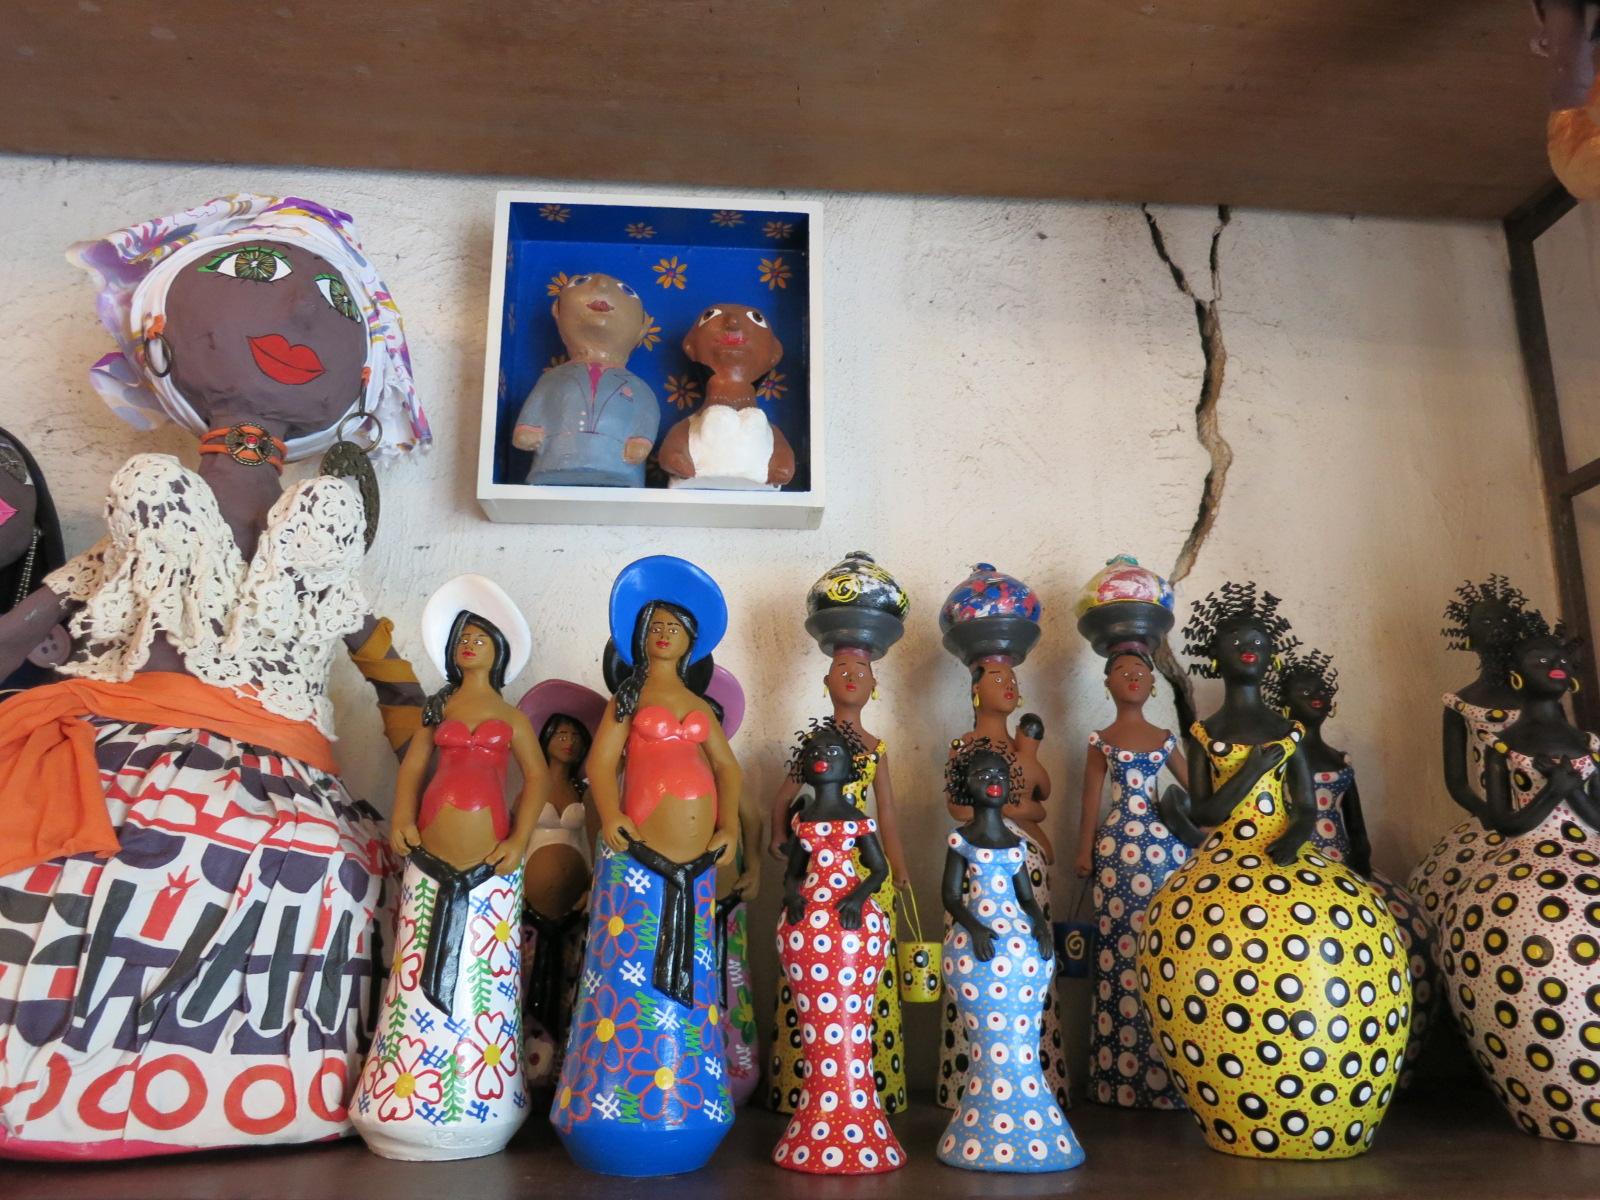 The ladies of Brazil